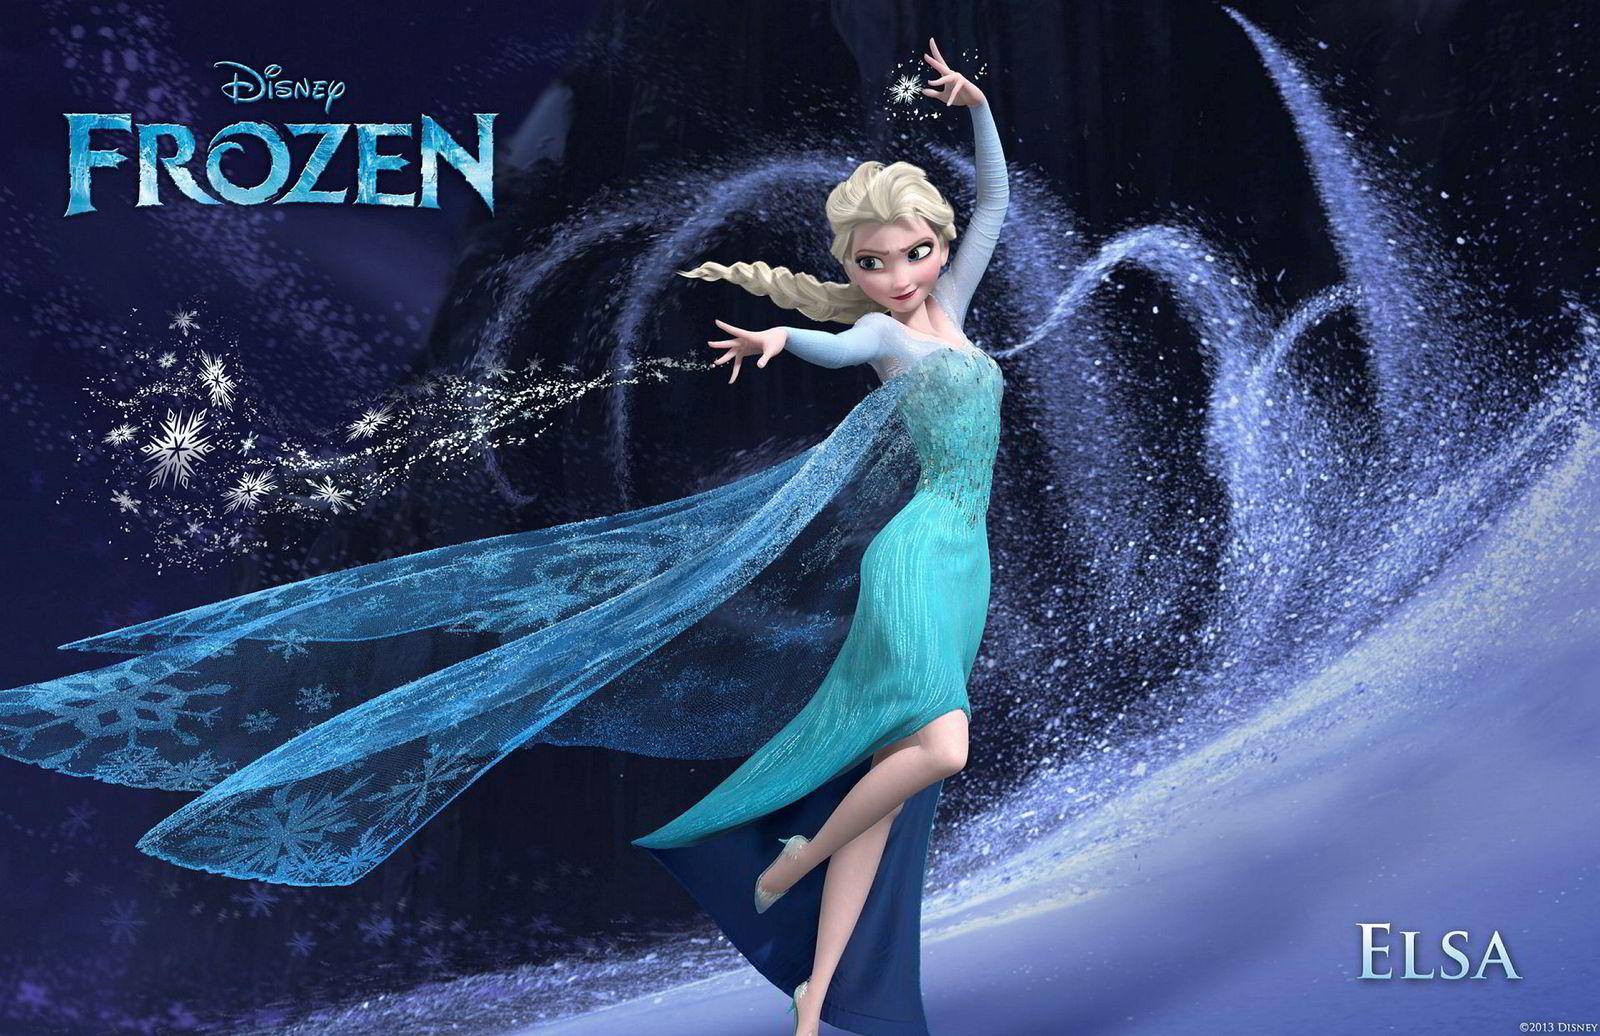 Disney har tjent flere ganger filmens omsetning på å selge dukker og plakater av prinsessen Elsa fra suksessen «Frost».